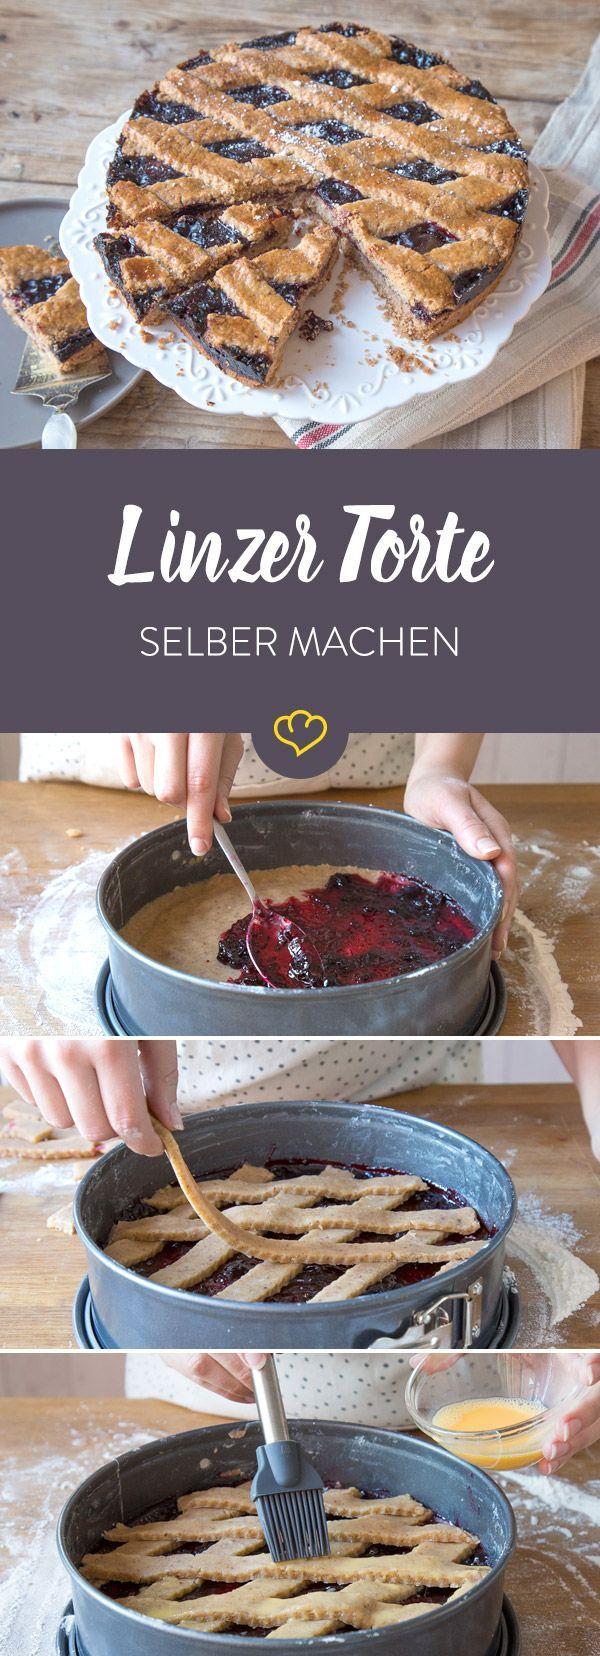 Linzer Torte heißt zwar Torte, ist aber eher ein Kuchen. Ob traditionell aus Mürbeteig oder schnell mit Rührteig: Sie schmeckt herzerwärmend gut.